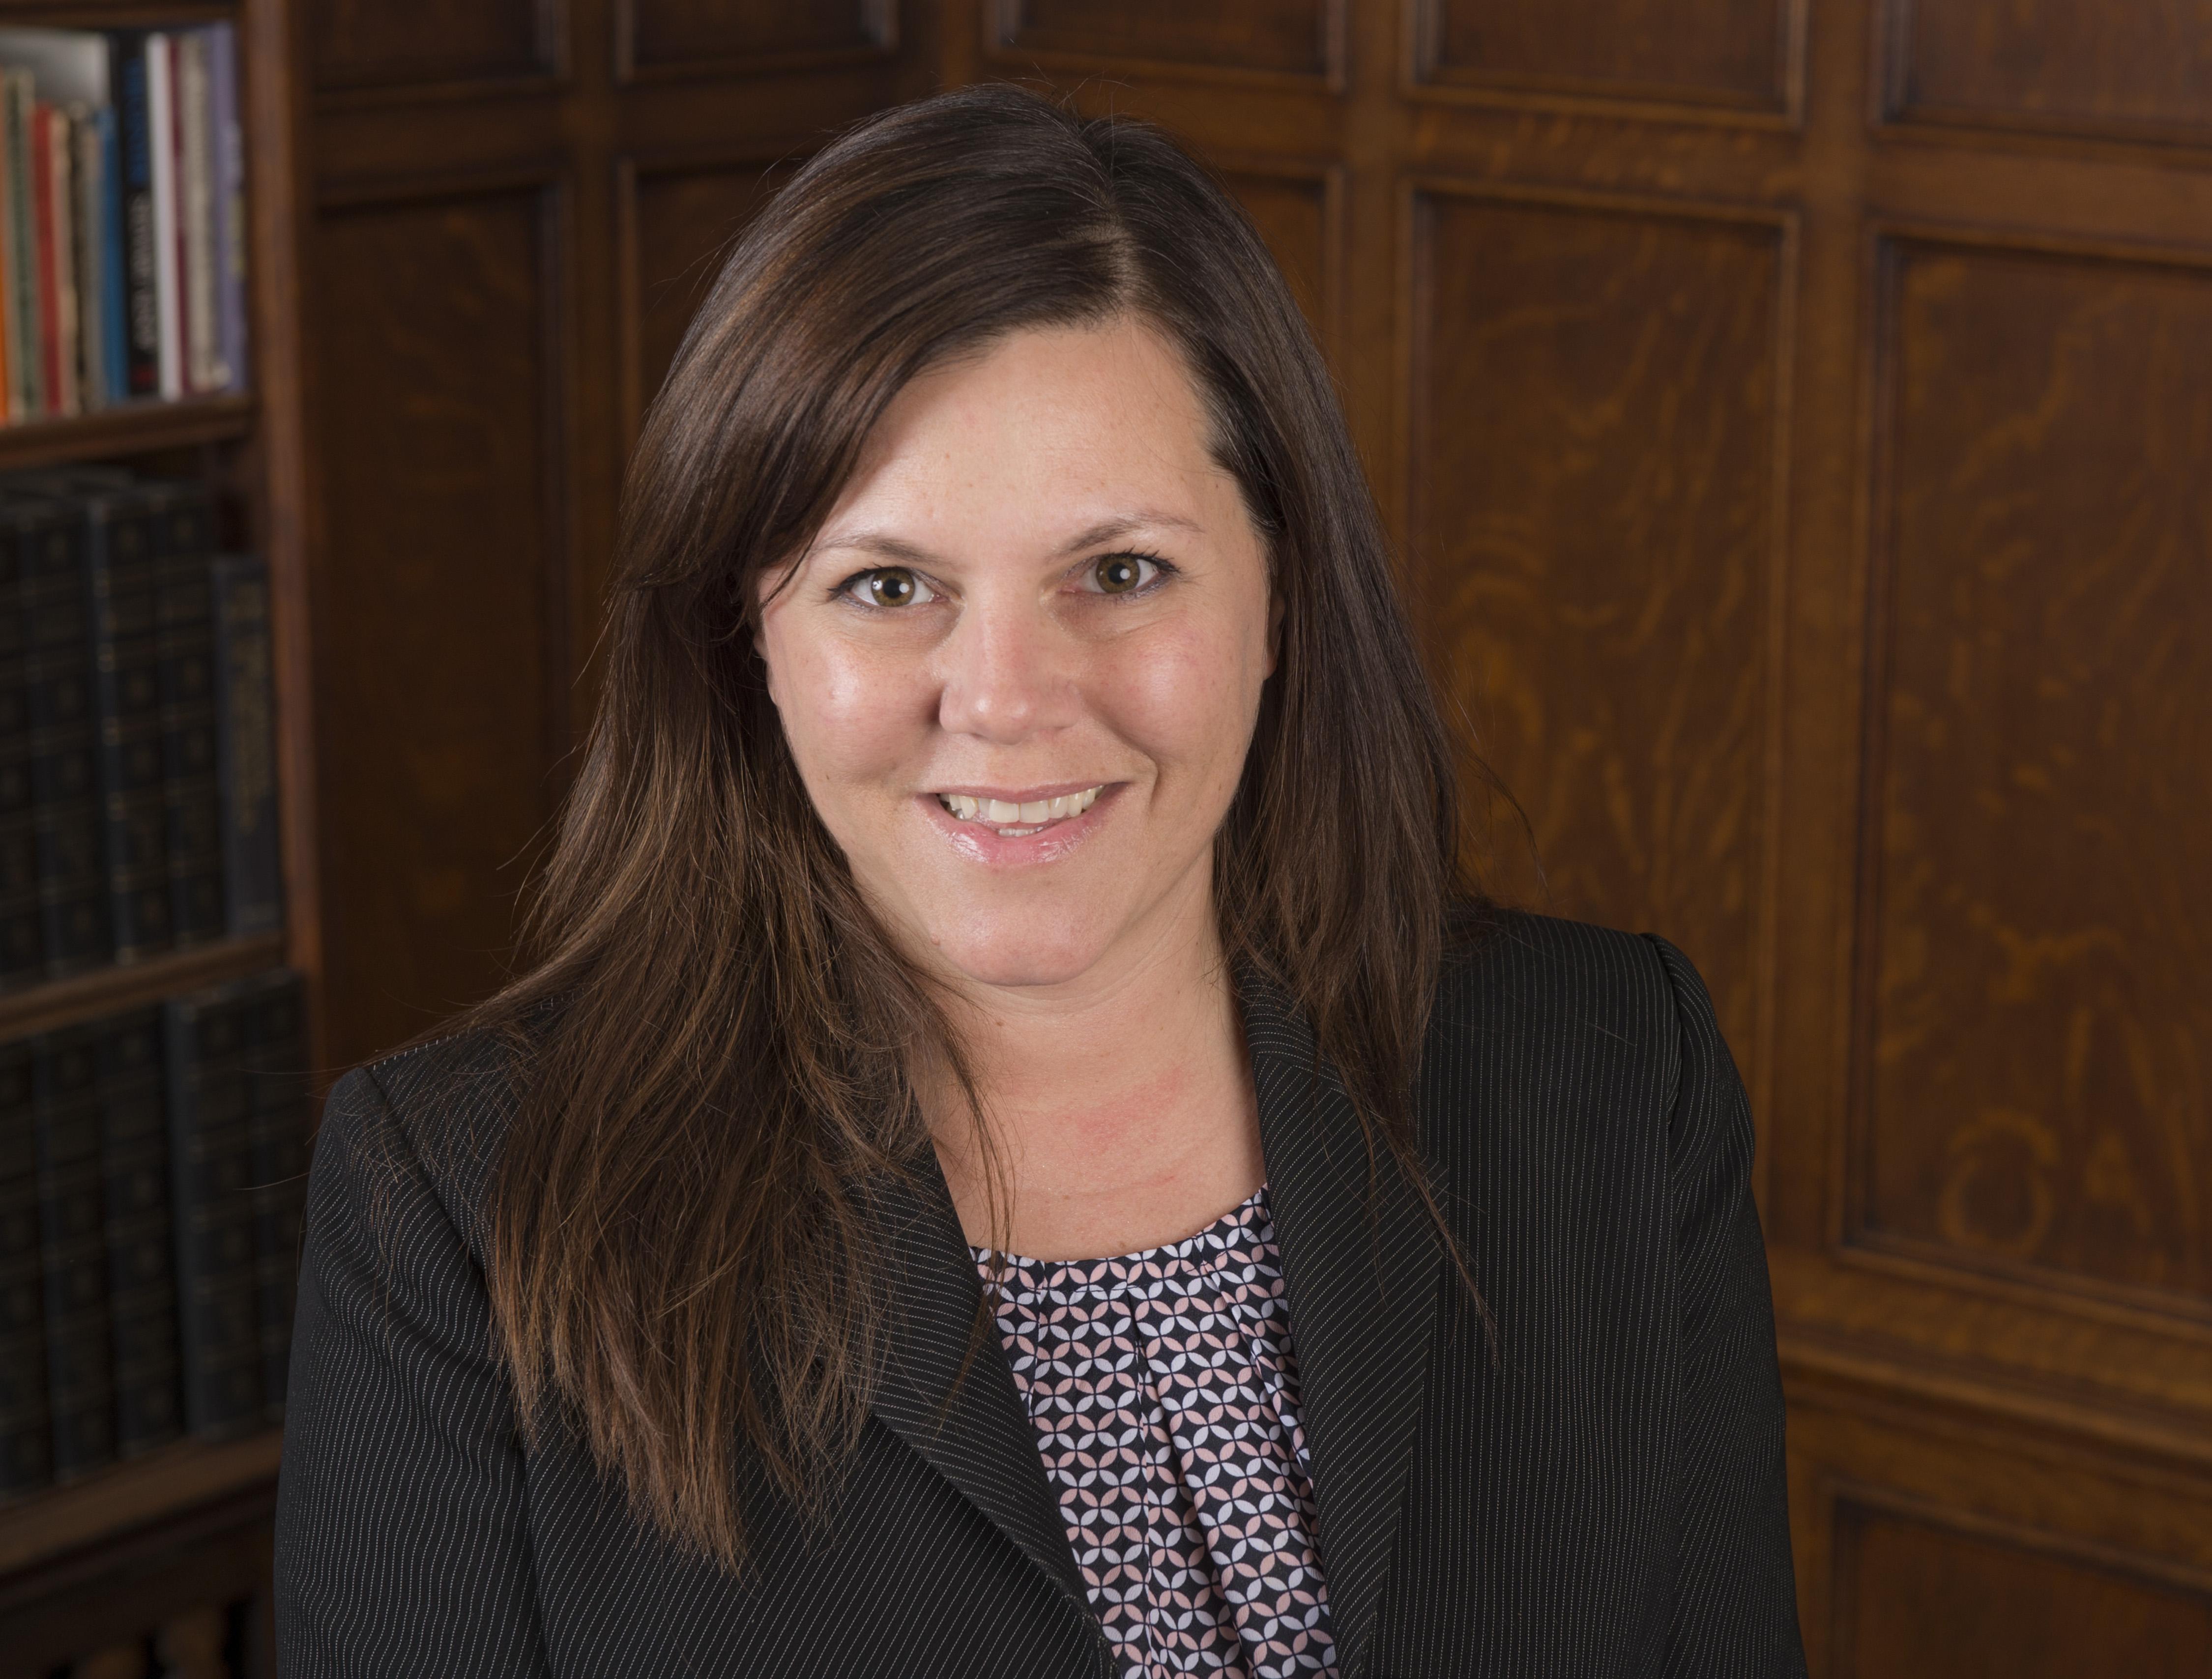 Beth Tindel, Director of Transportation and Parking